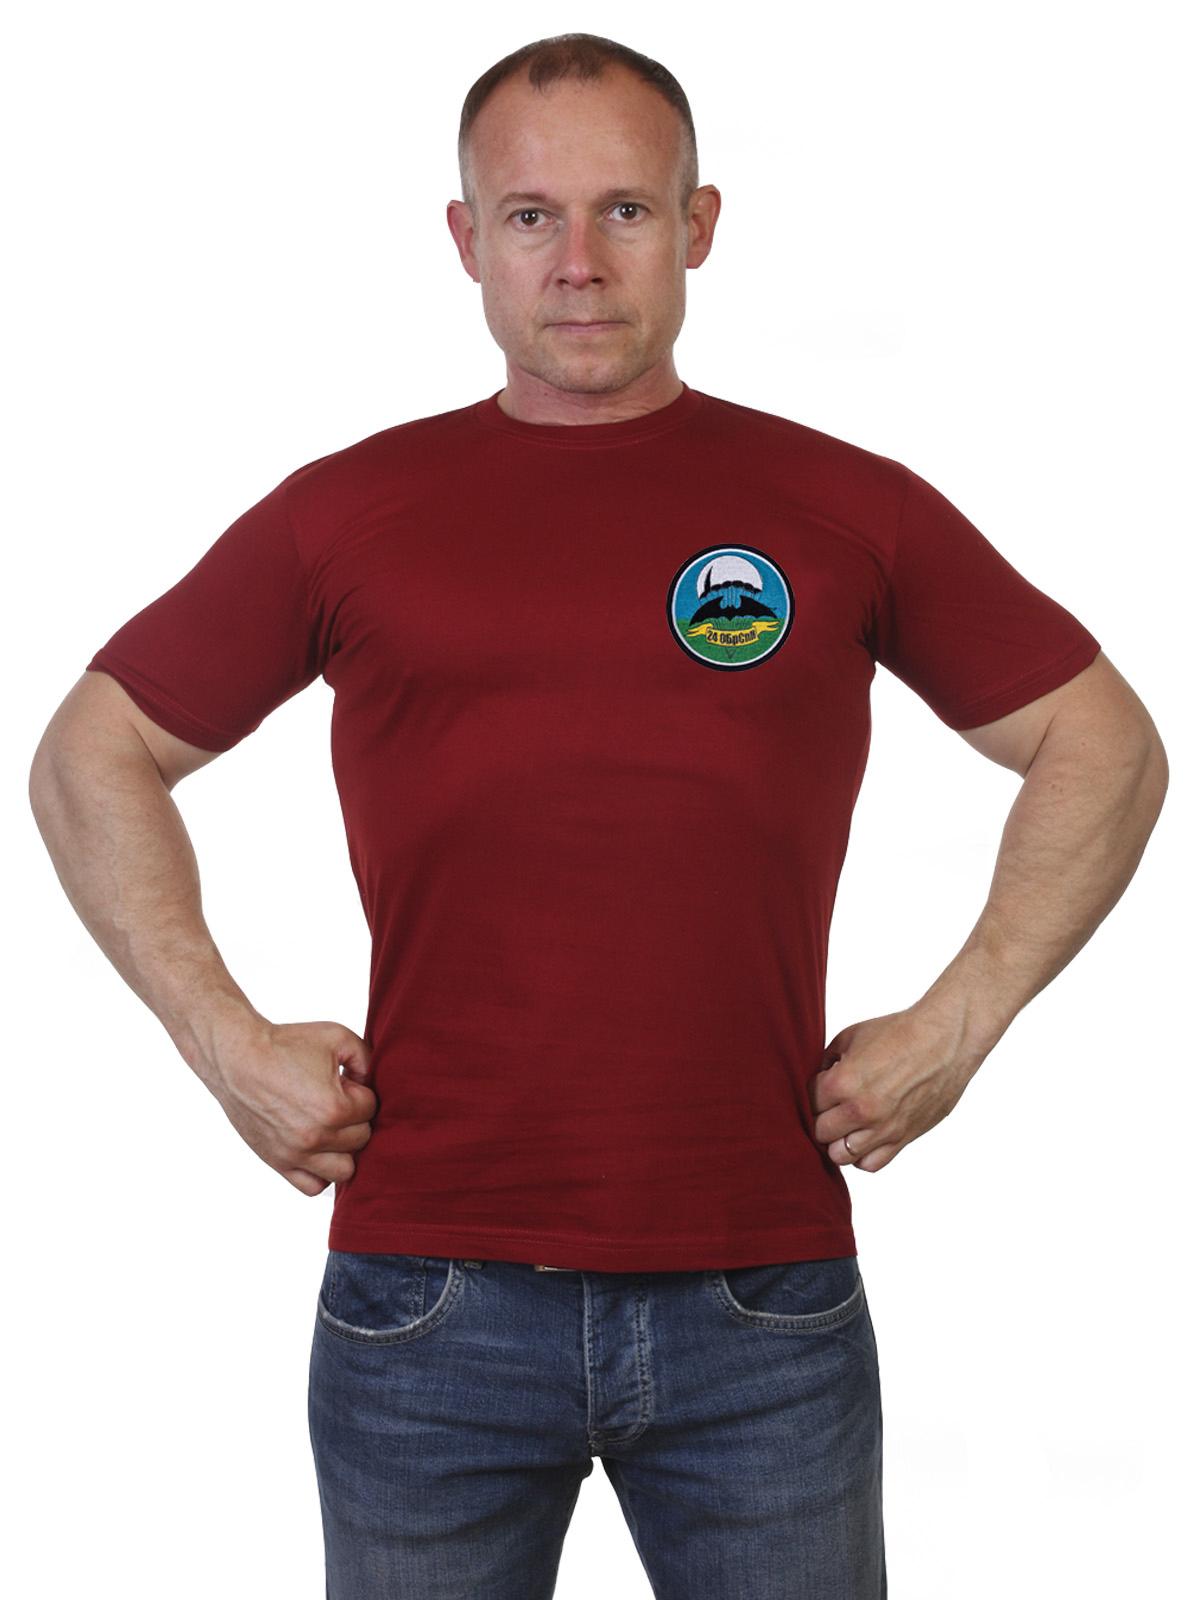 Купить в интернет магазине футболку 24 ОБрСпН